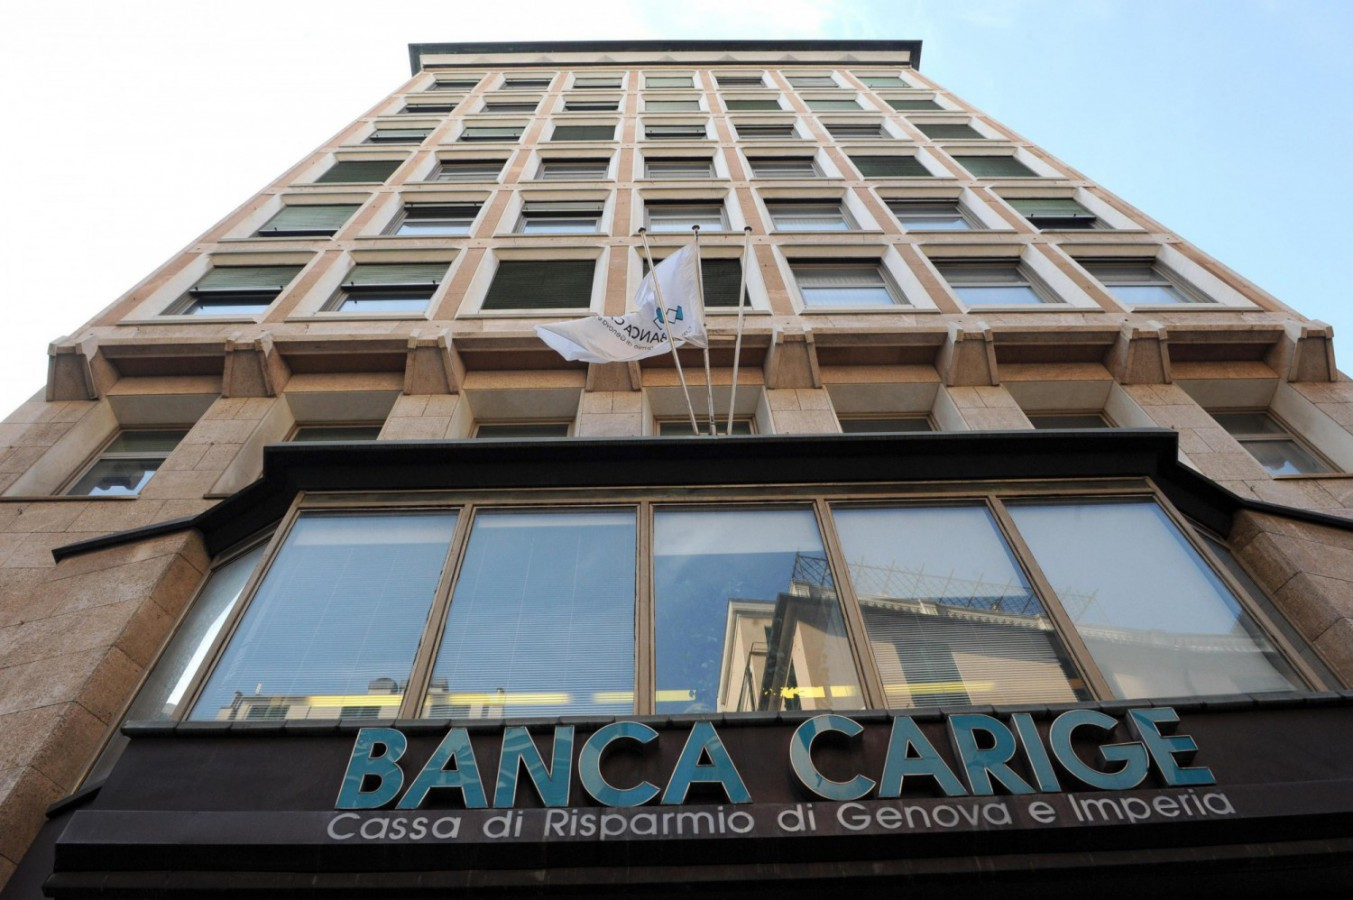 Banca Carige (Foto Ansa-Luca Zennaro) Imc